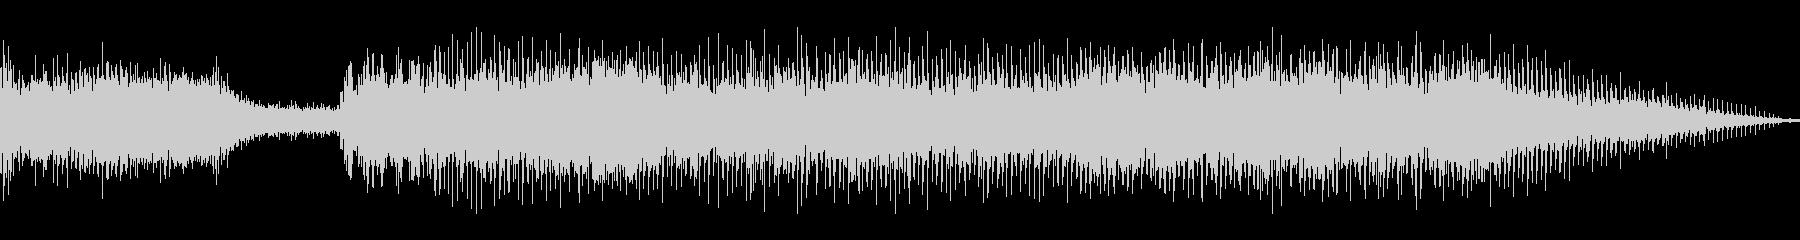 ドリル,電気ドリル,チェーンソー04の未再生の波形